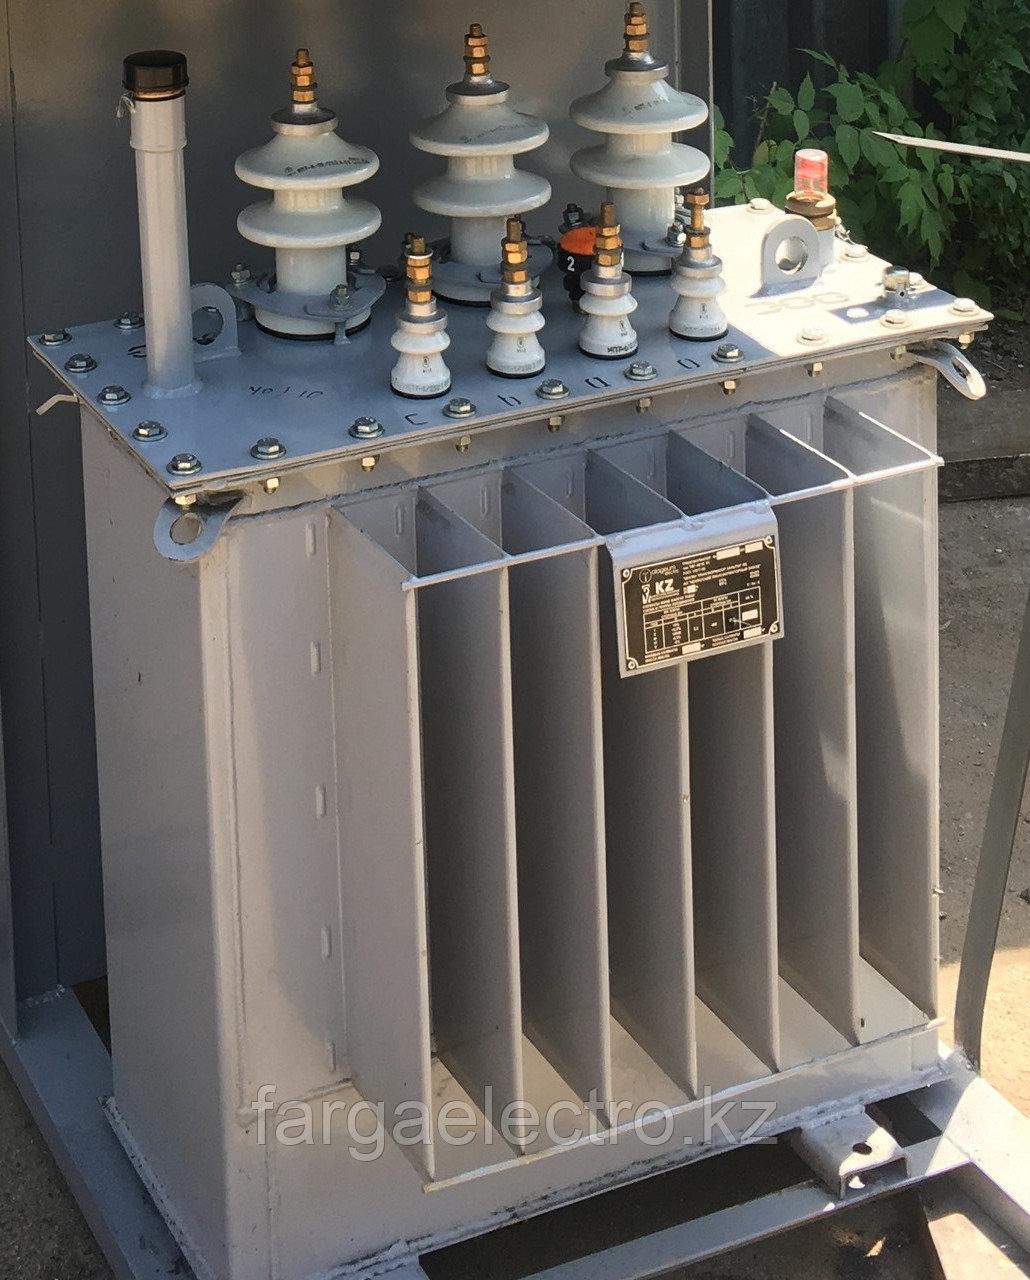 ТМГ 250/6(10)-0,4 У1; Трансформатор силовой, масленный трехфазный, мощность 250 кВА